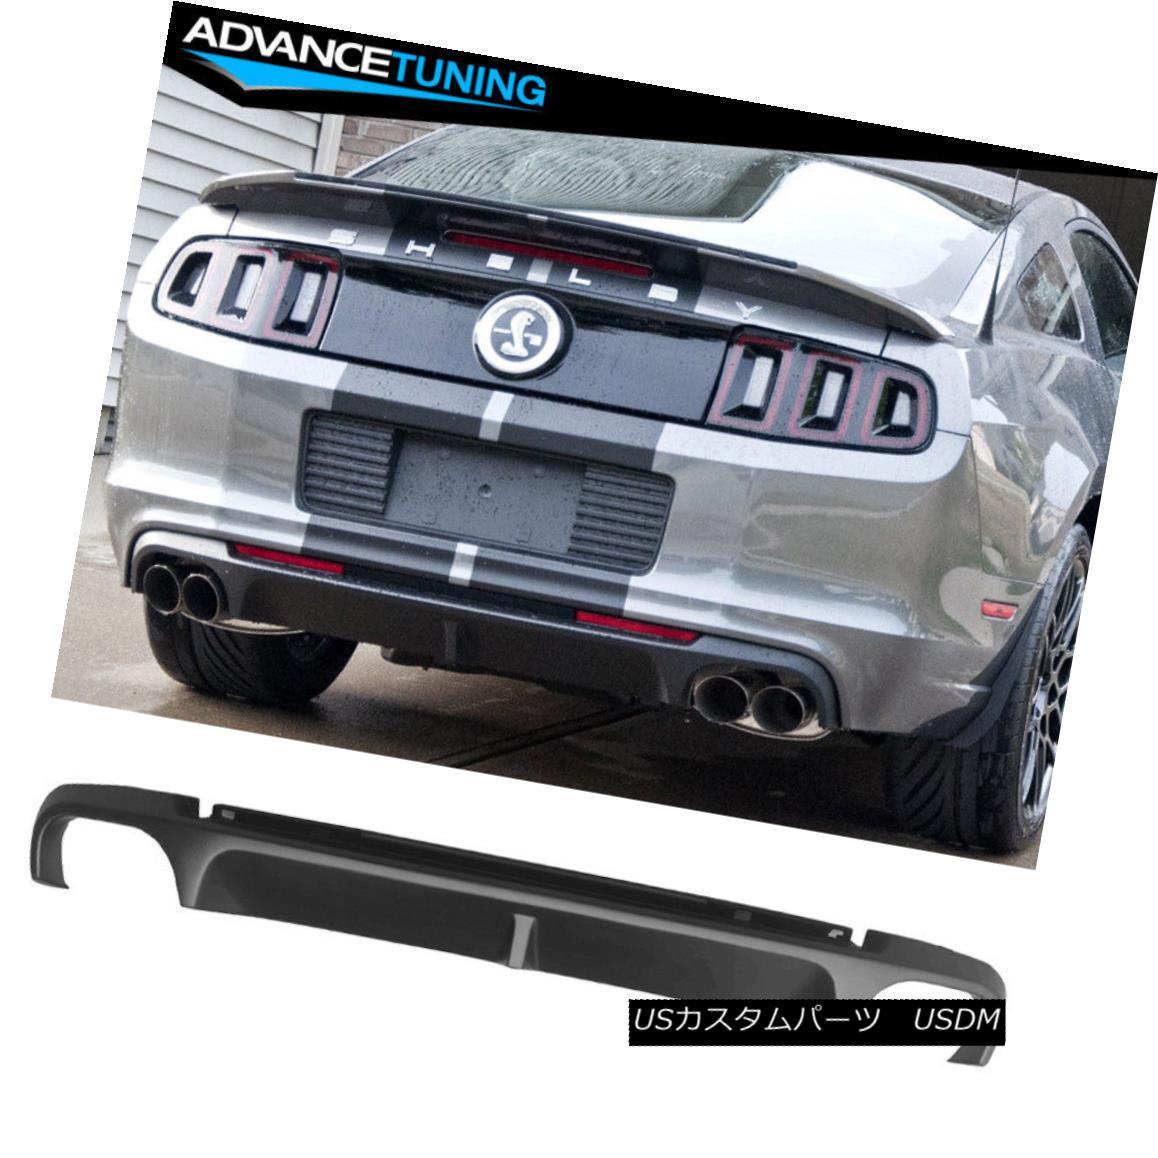 エアロパーツ For 13 14 Ford Mustang Shelby GT500 Super Snake Rear Bumper Diffuser Lip PP 13 14フォードマスタングシェルビーGT500スーパースネークリアバンパディフューザリップPP